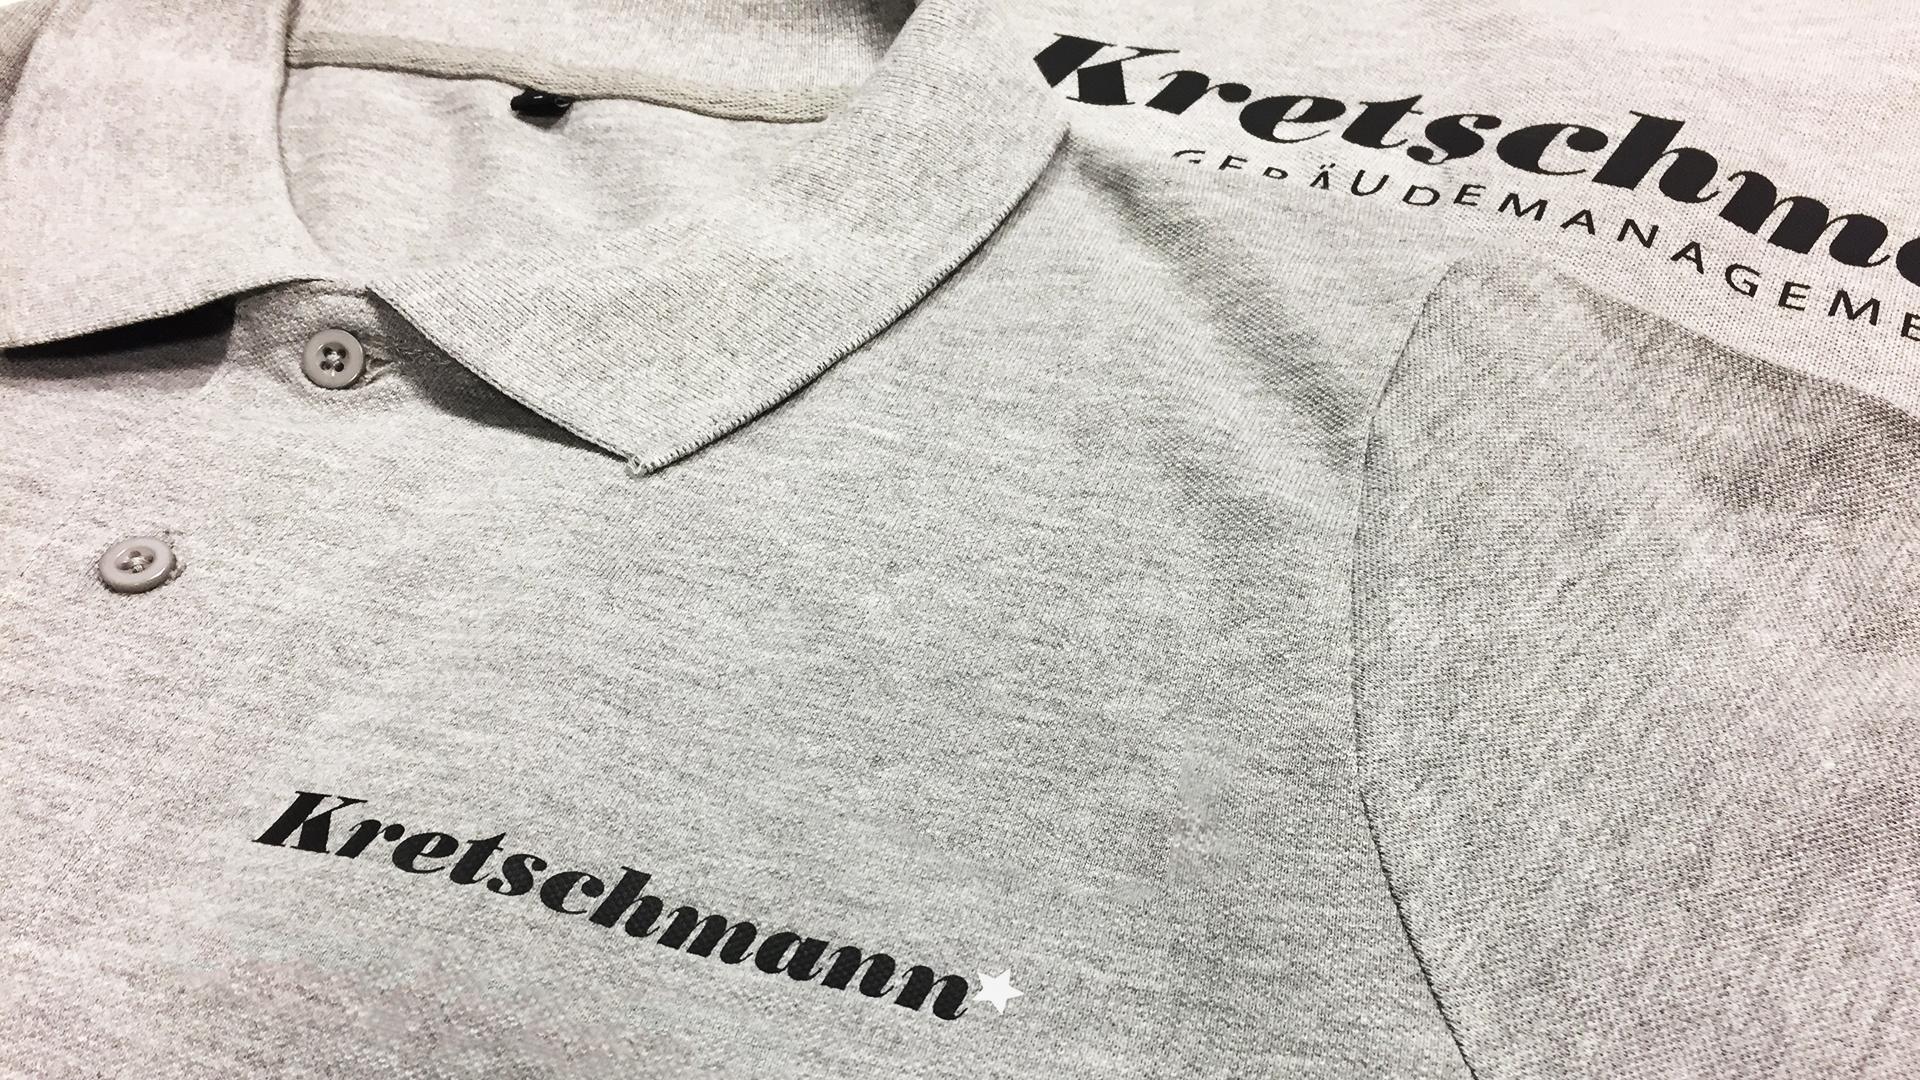 Kretschmann Gebäudemanagement